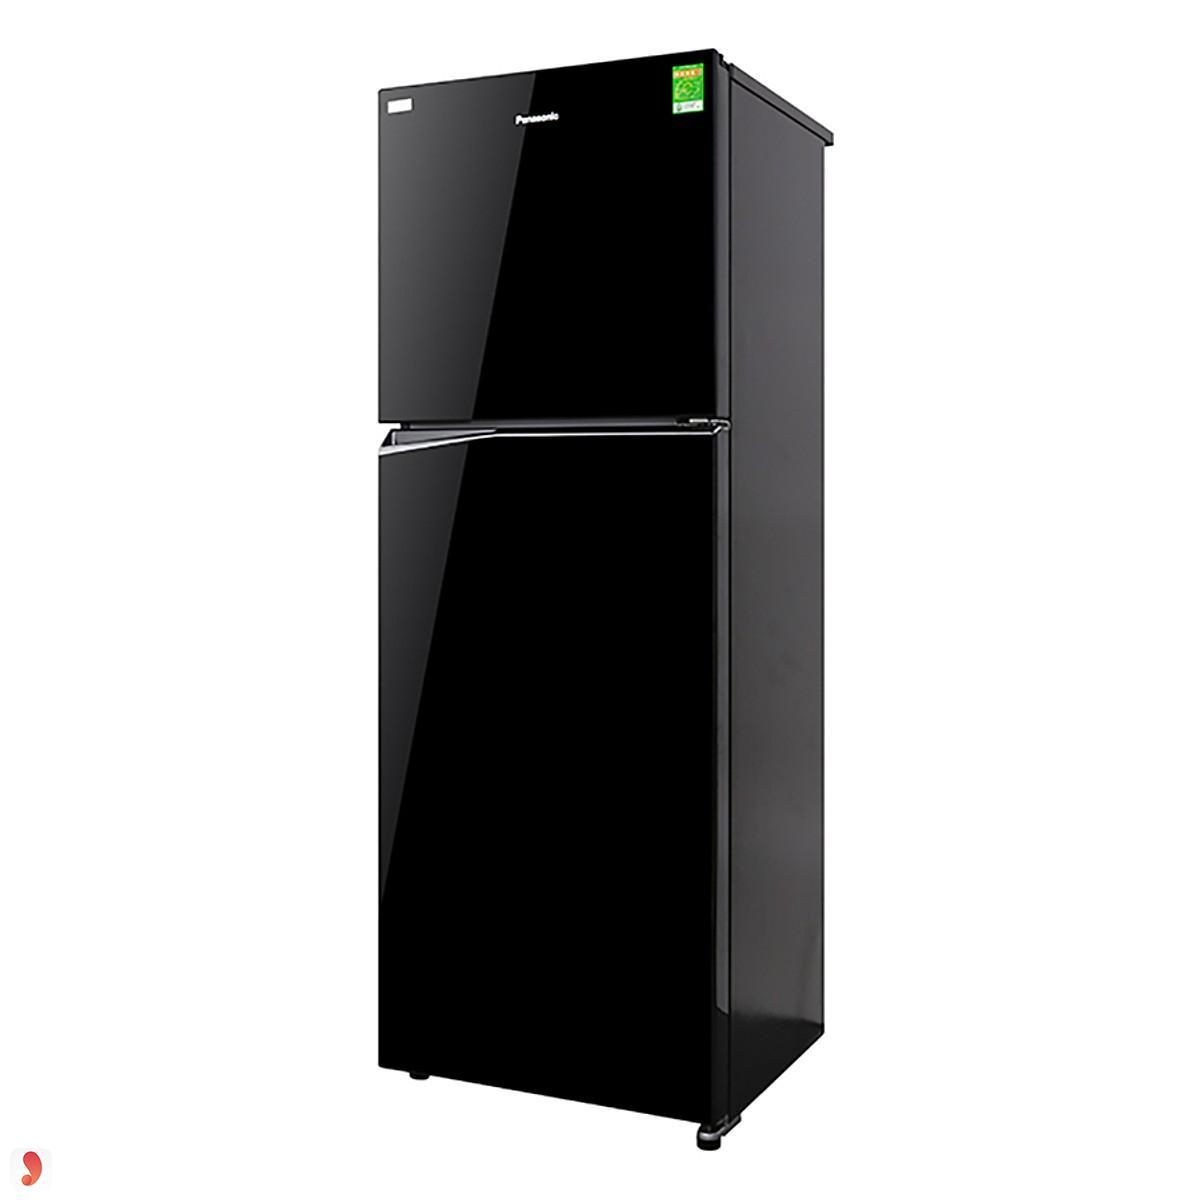 Tủ lạnhPanasonic